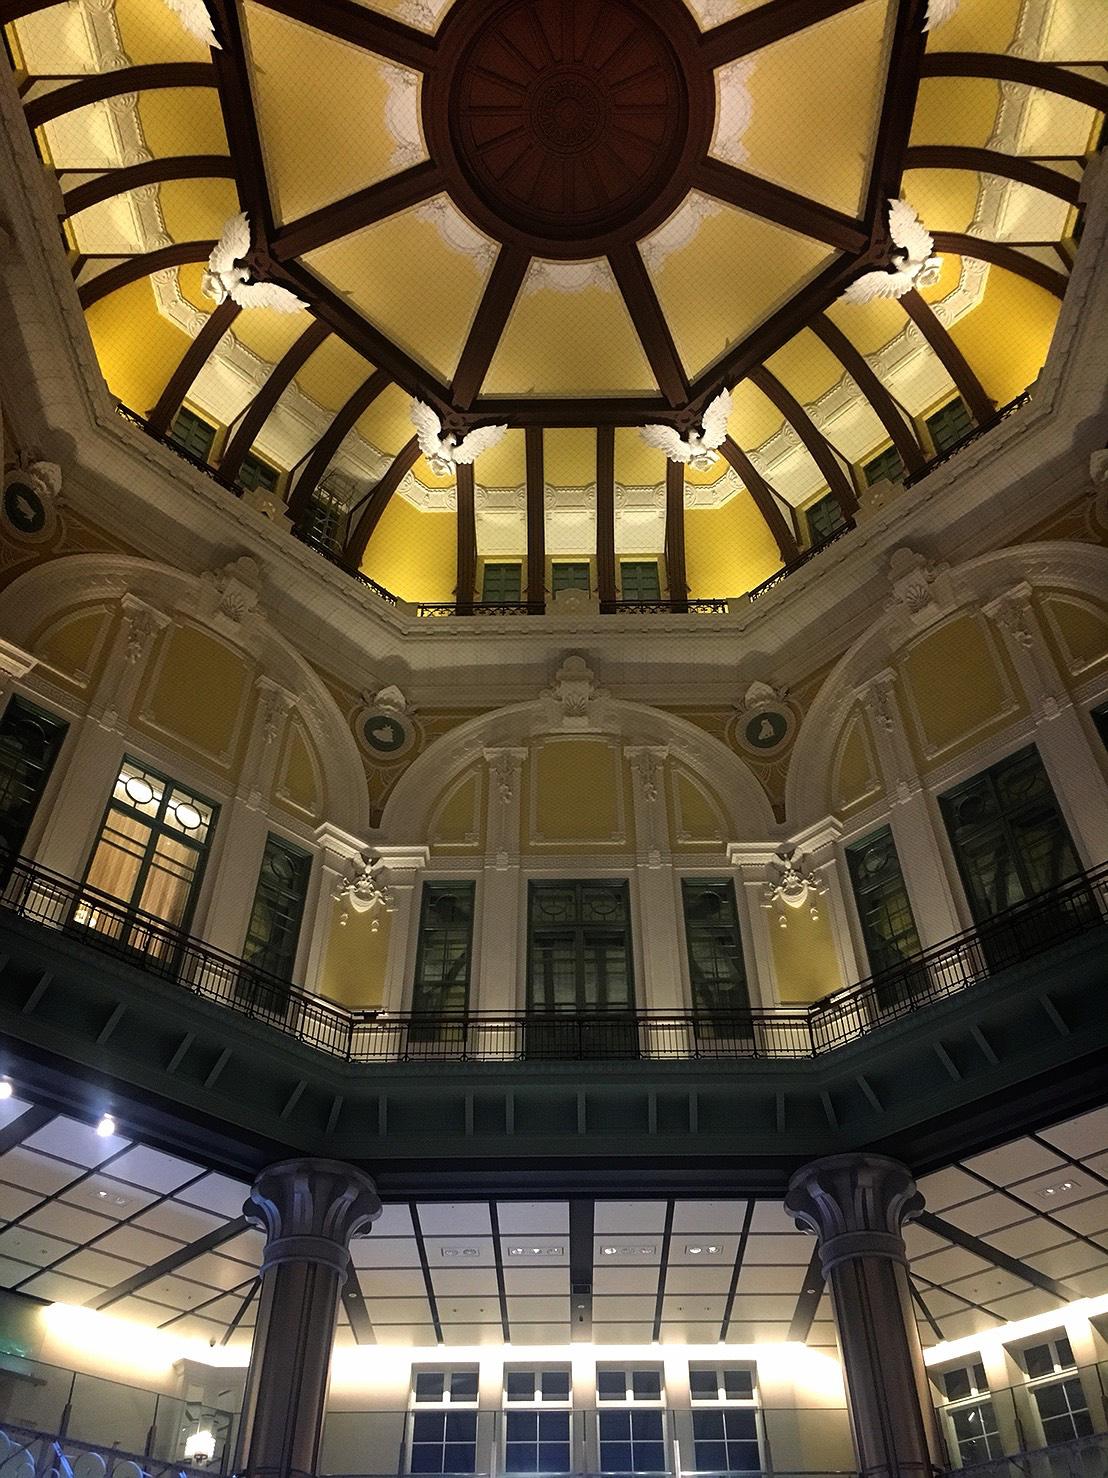 東京駅の写真(フリー素材)